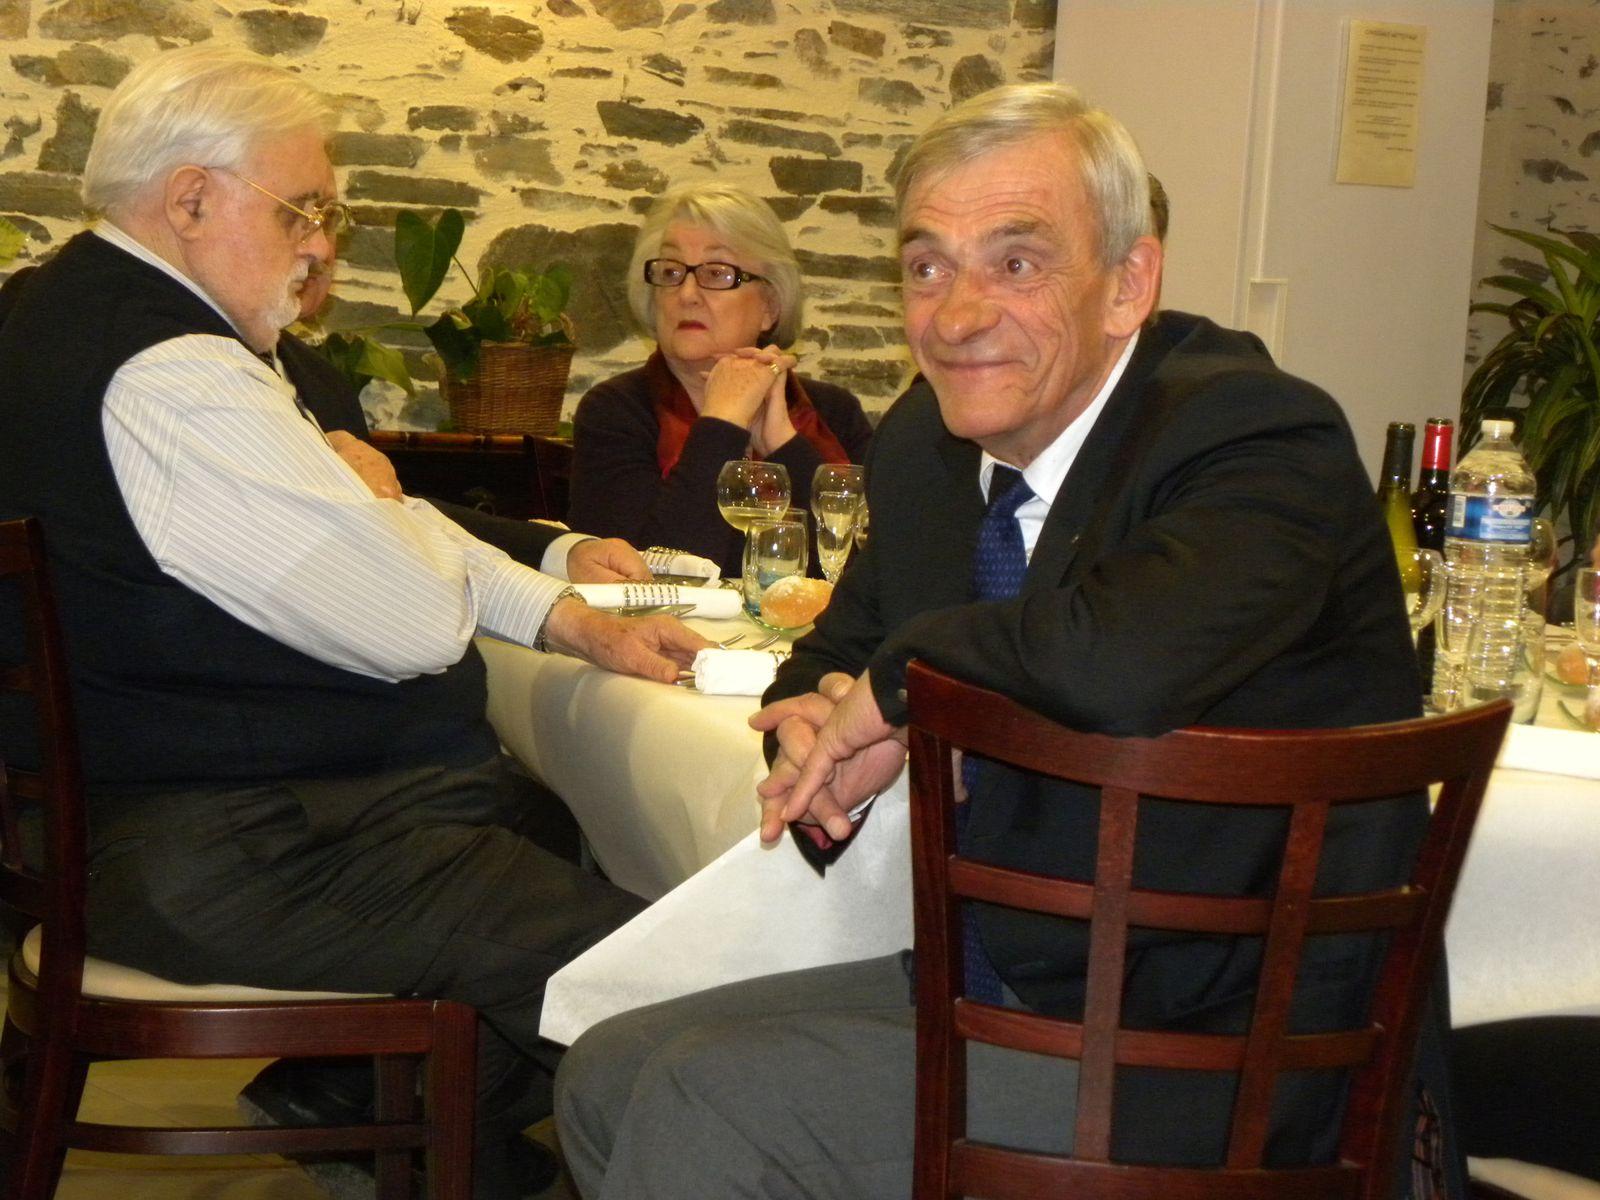 2010-Gouverneur-90-ans-Andre-Frouin